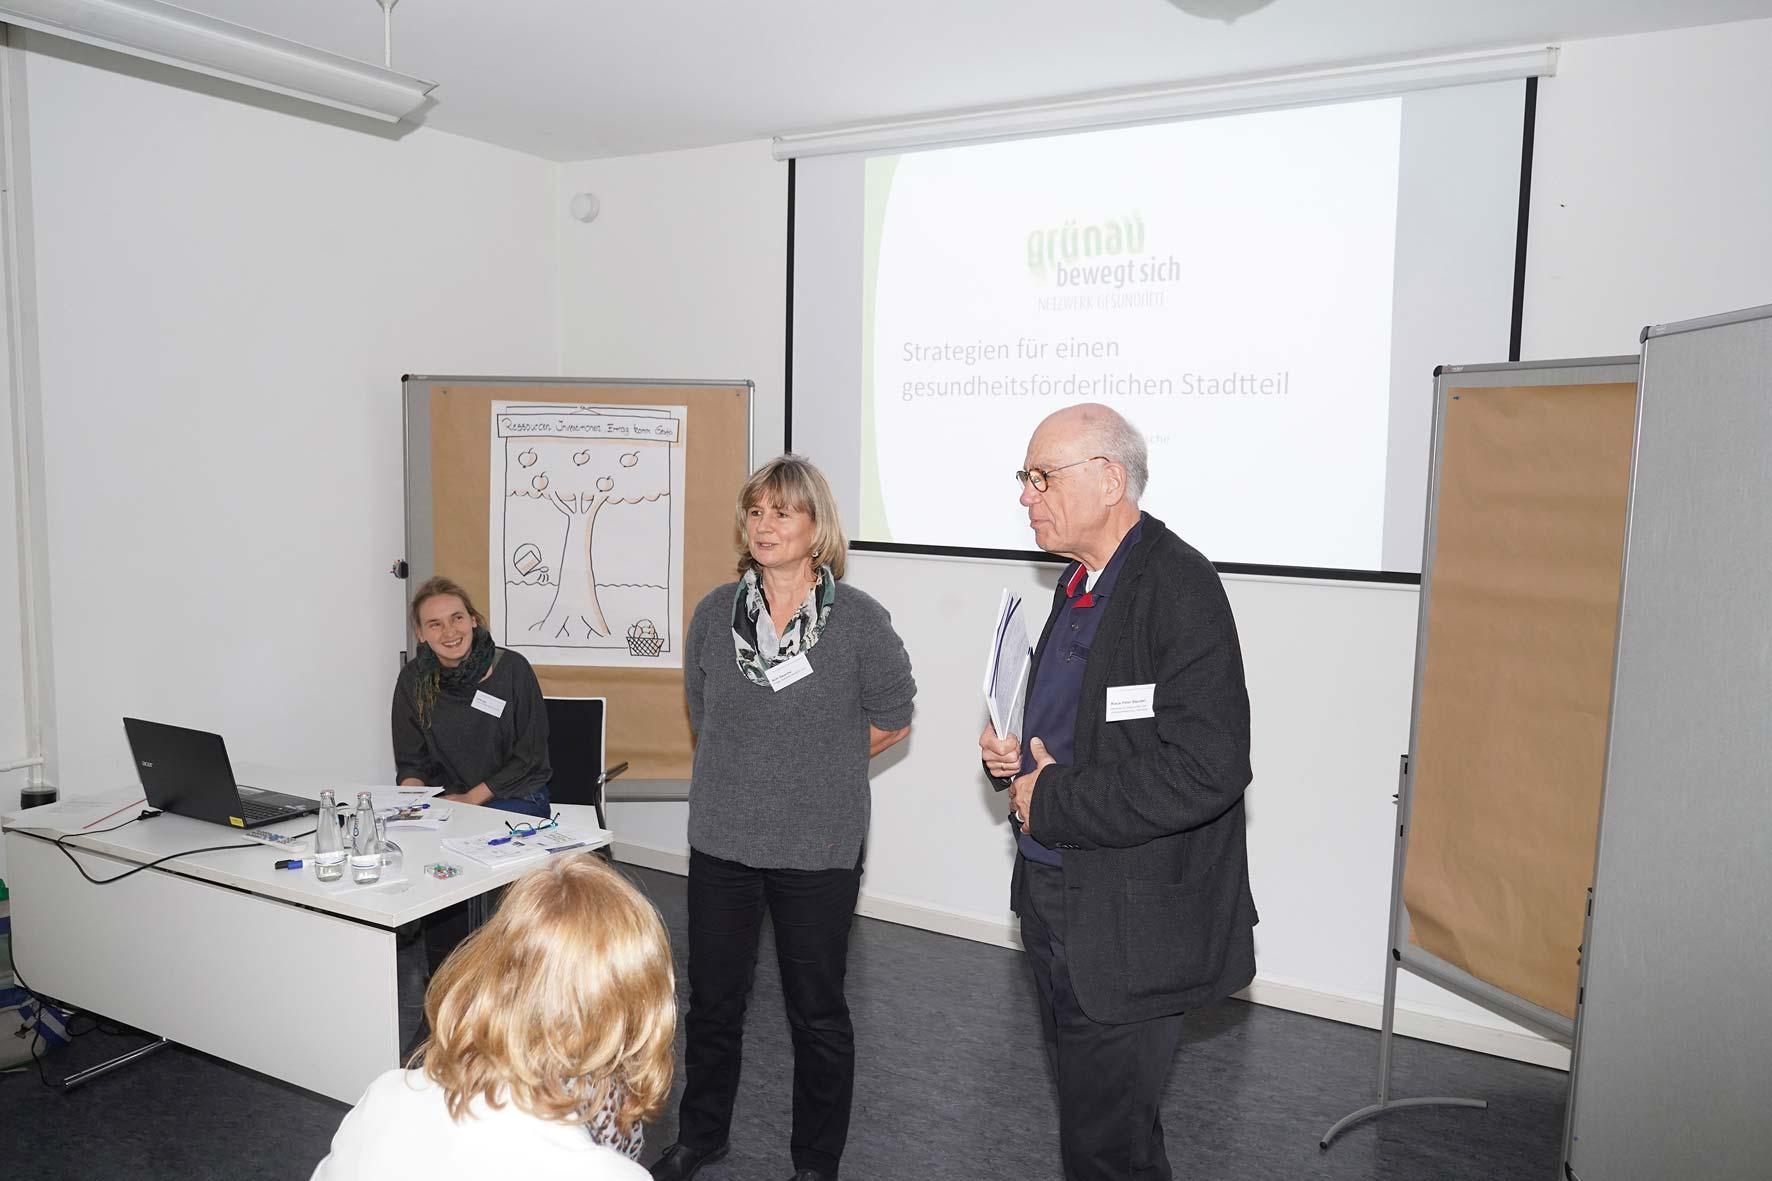 Ulrike Igel, Ruth Gausche und Klaus-Peter Stender